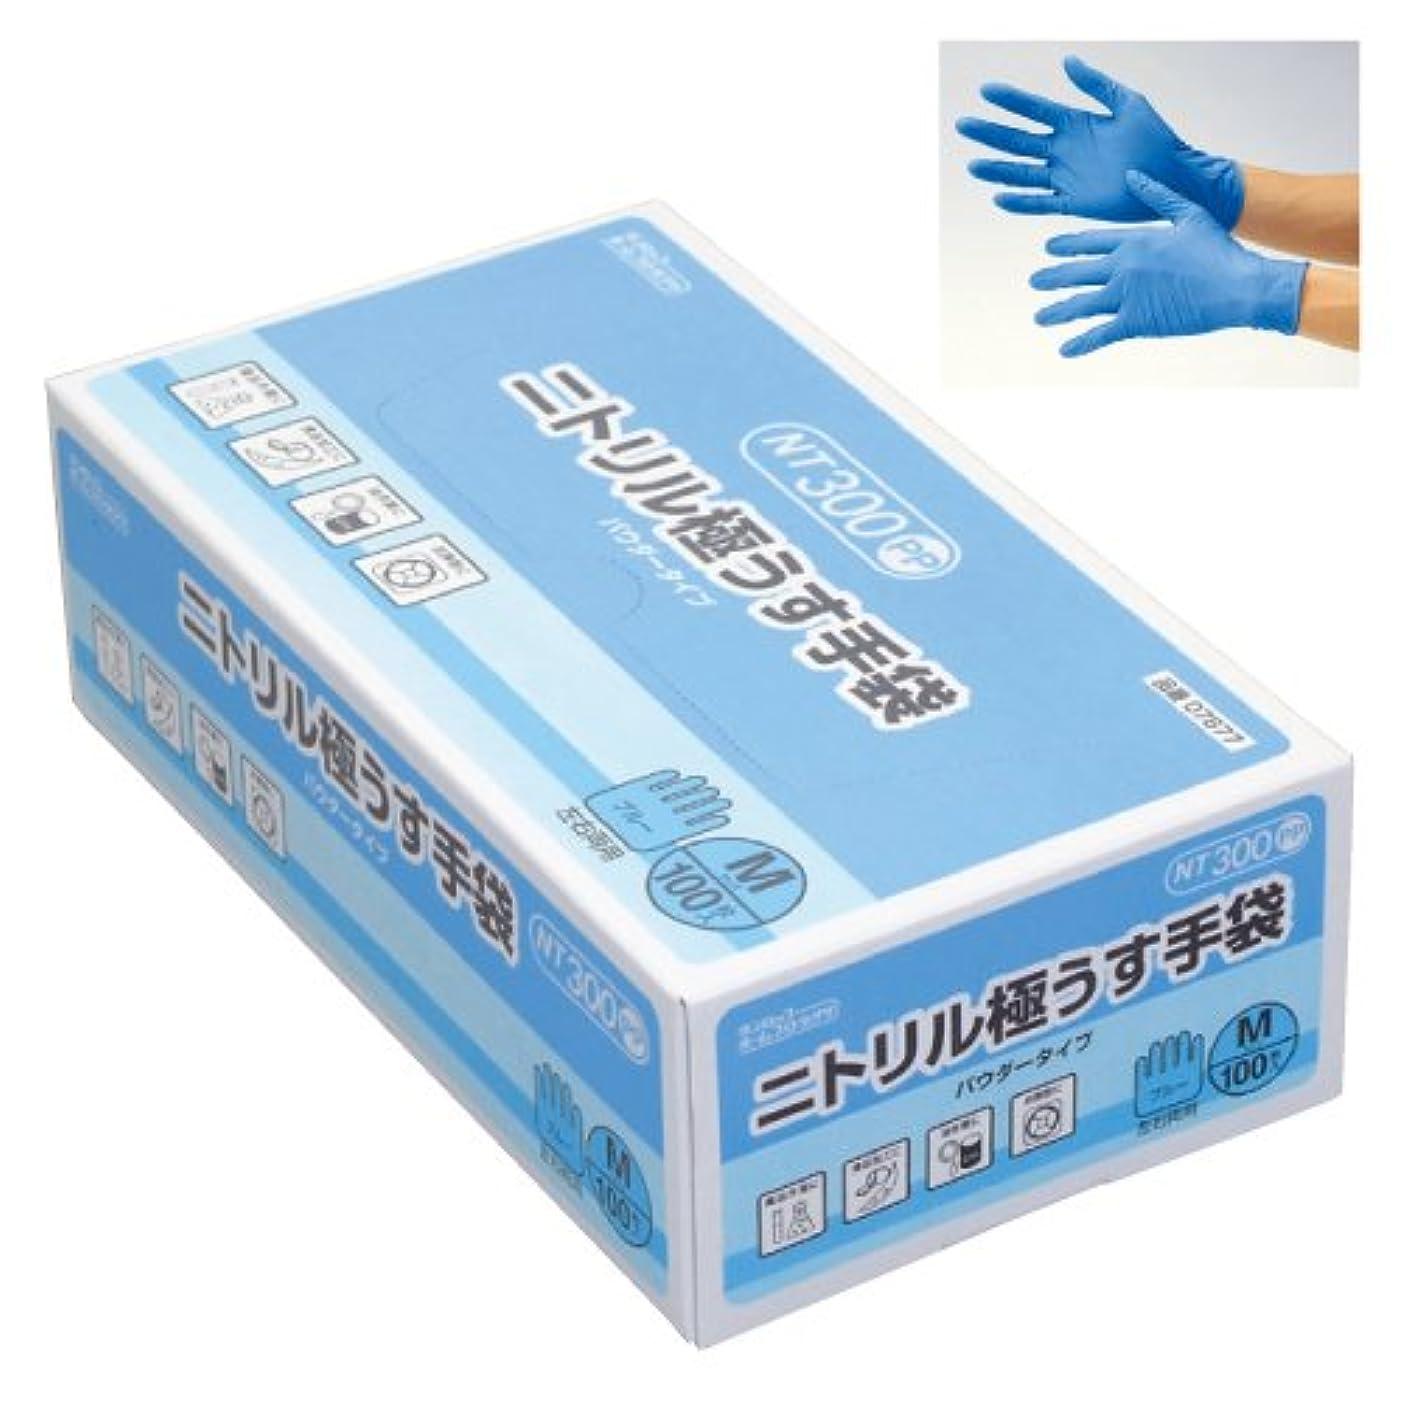 極小炭水化物逸脱ニトリル極うす手袋 NT300 (23-6073-01)